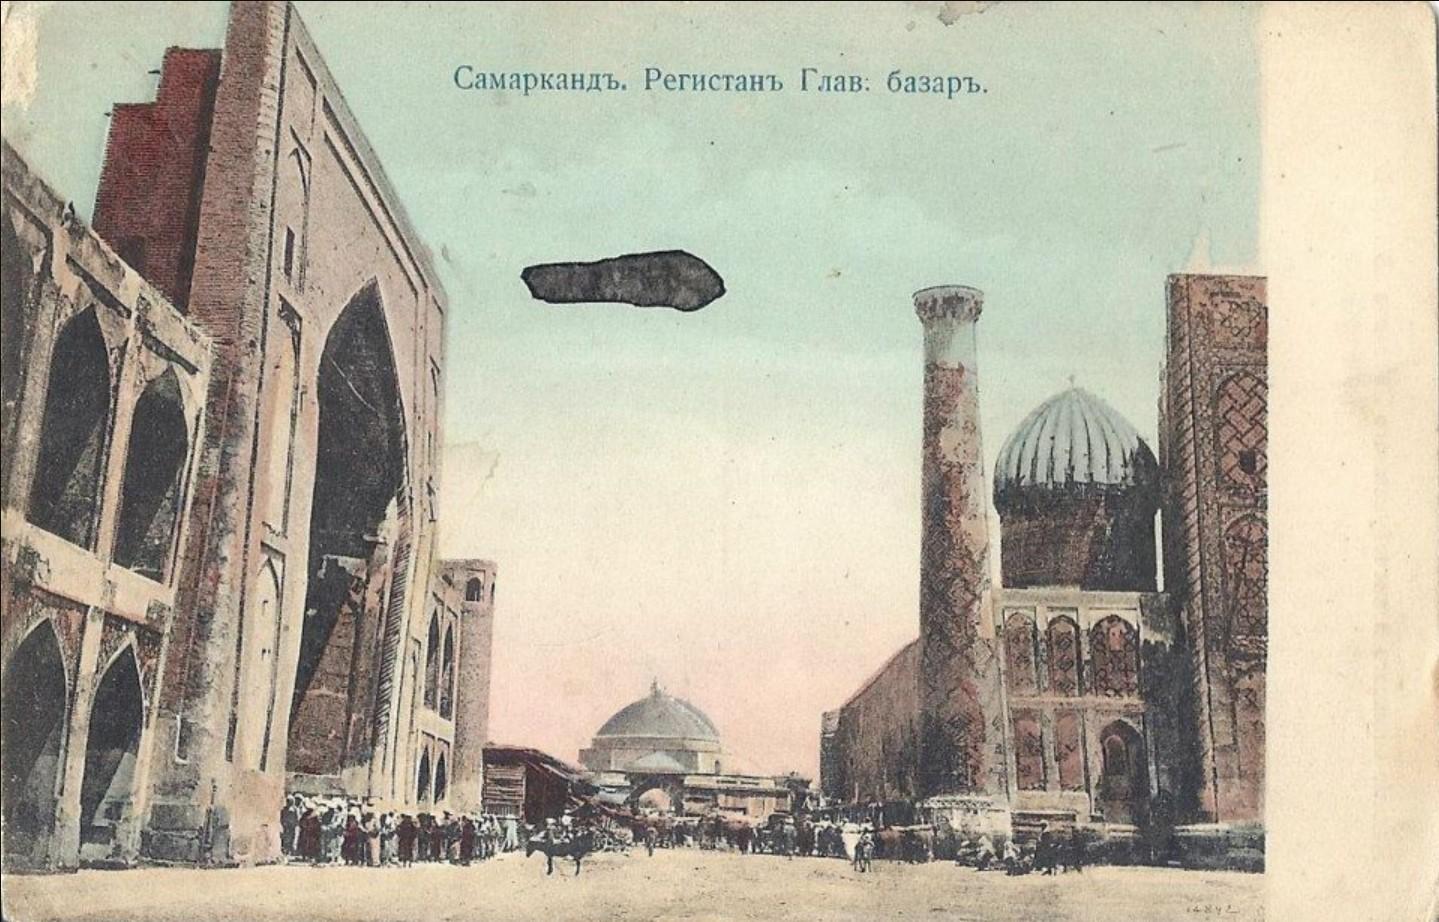 Регистан. Главный базар